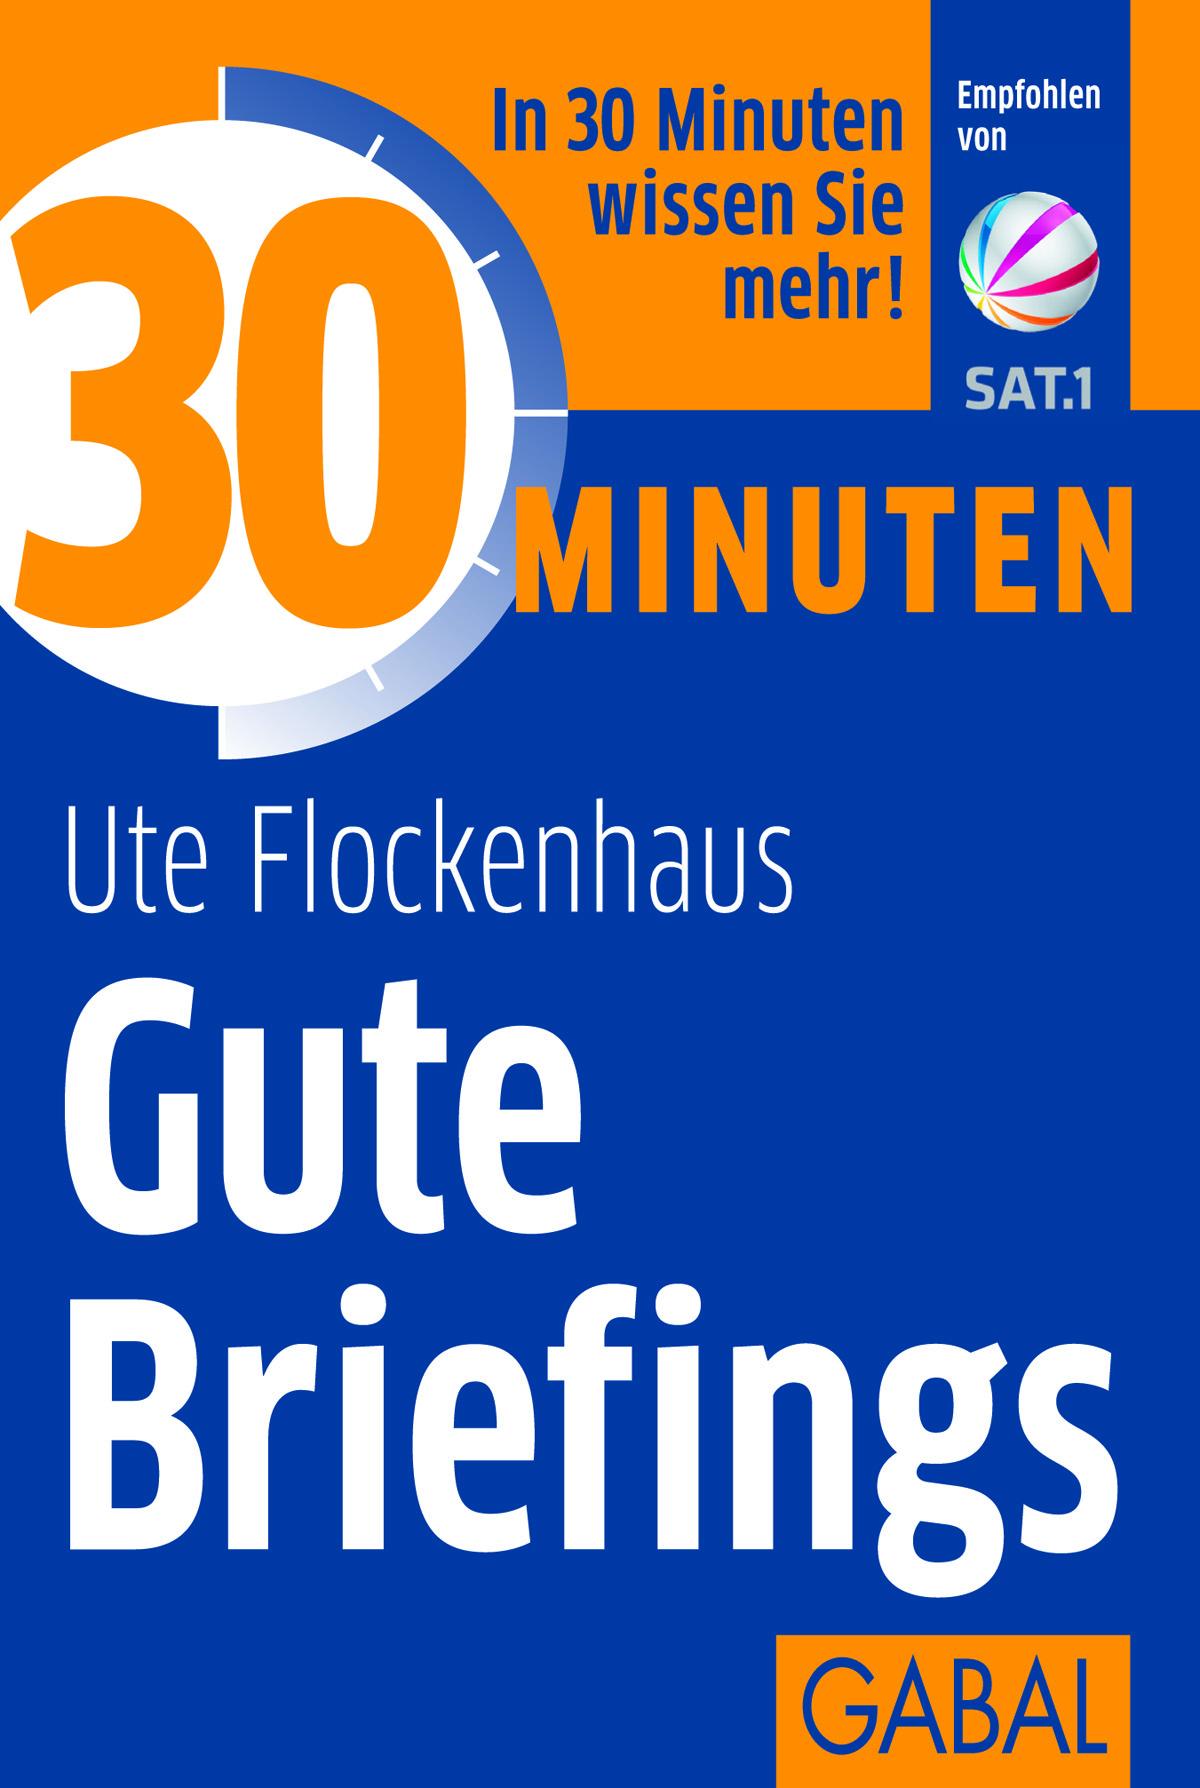 30 Minuten Gute Briefings Ute Flockenhaus Buch Gabal Verlag